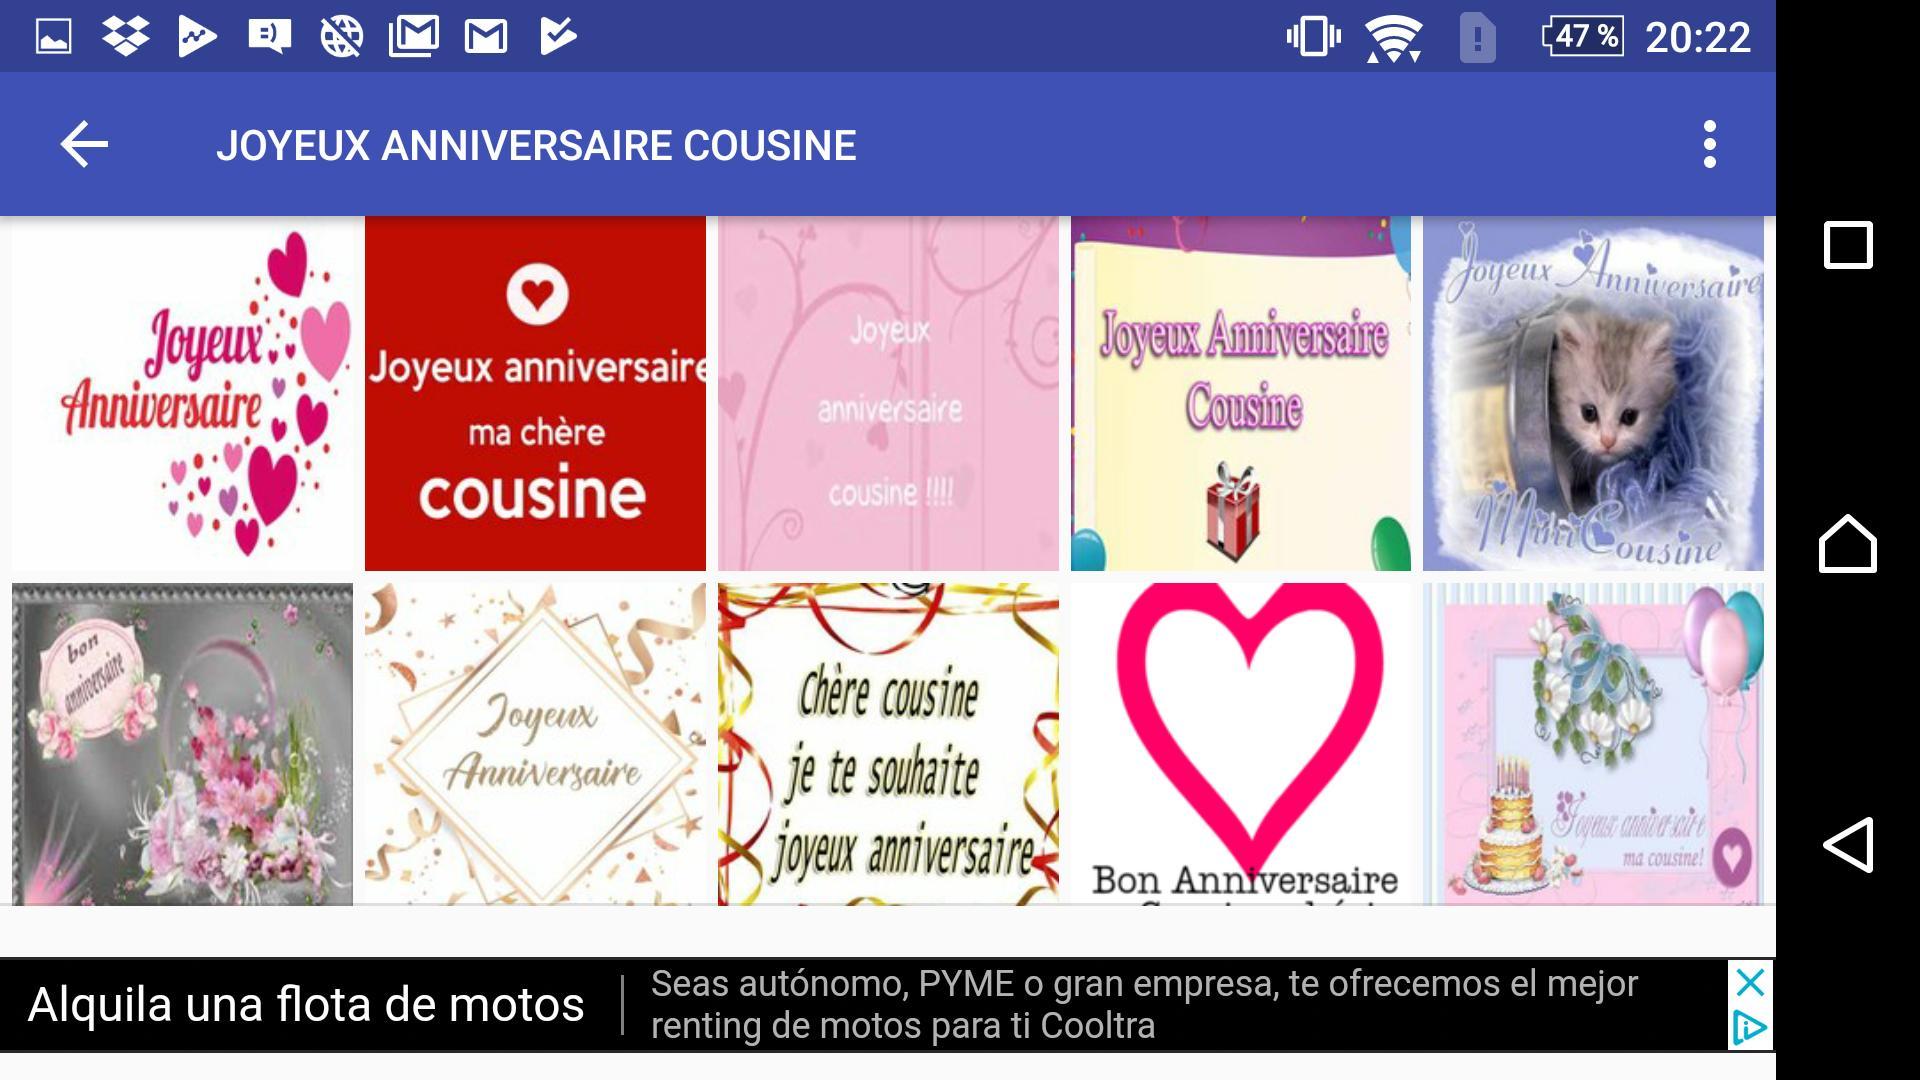 Joyeux Anniversaire Cousine For Android - Apk Download à Comment Souhaiter Un Joyeux Anniversaire En Anglais